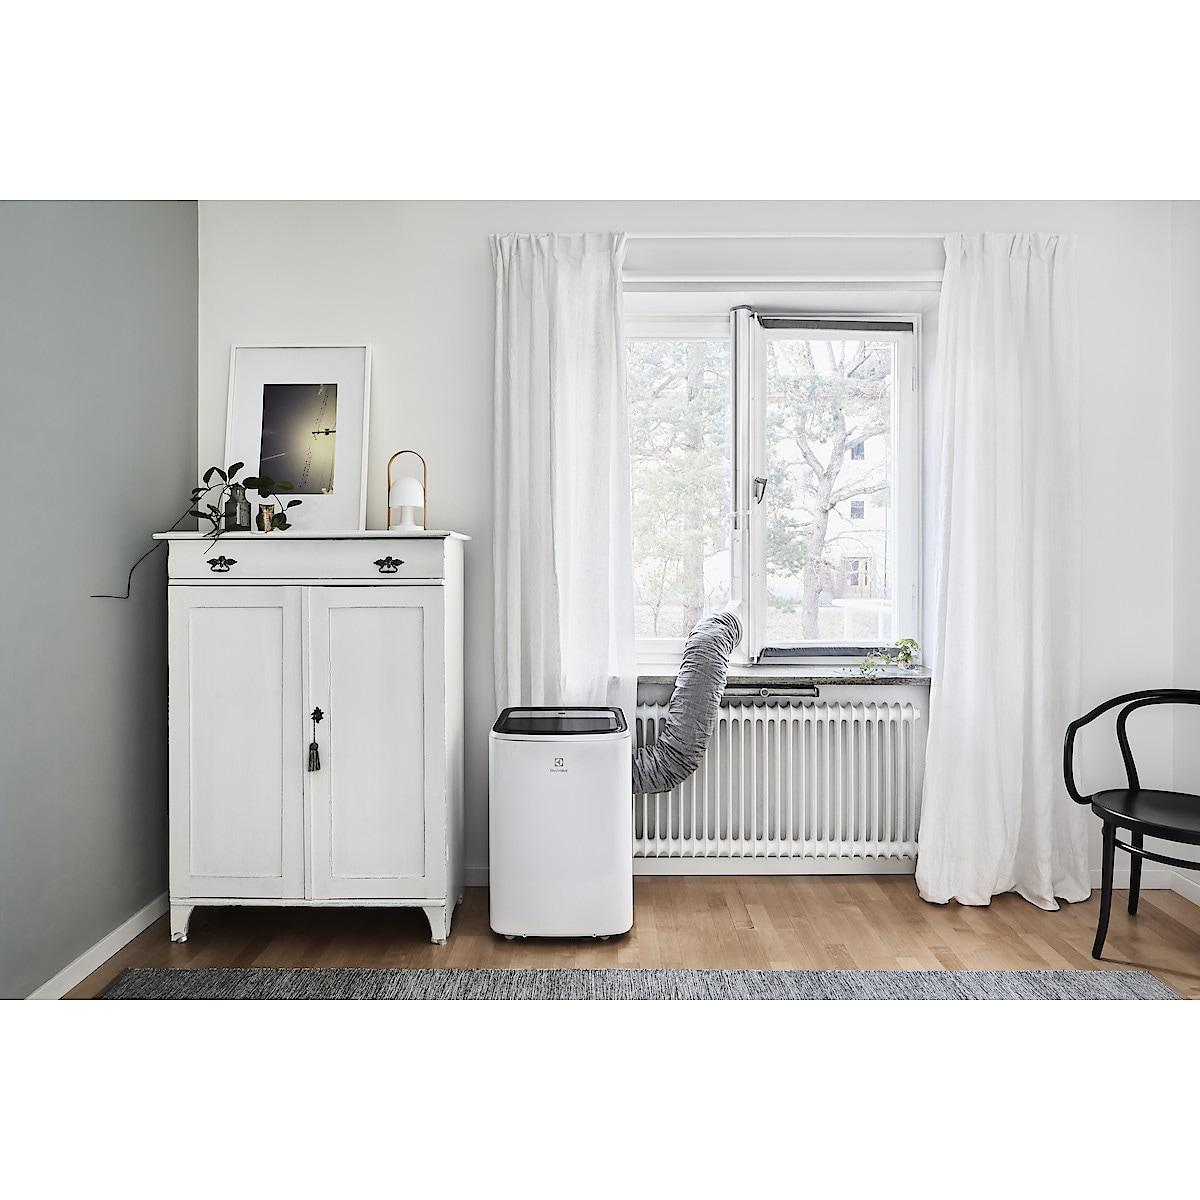 Electrolux EWK03 Fönstertätning till AC